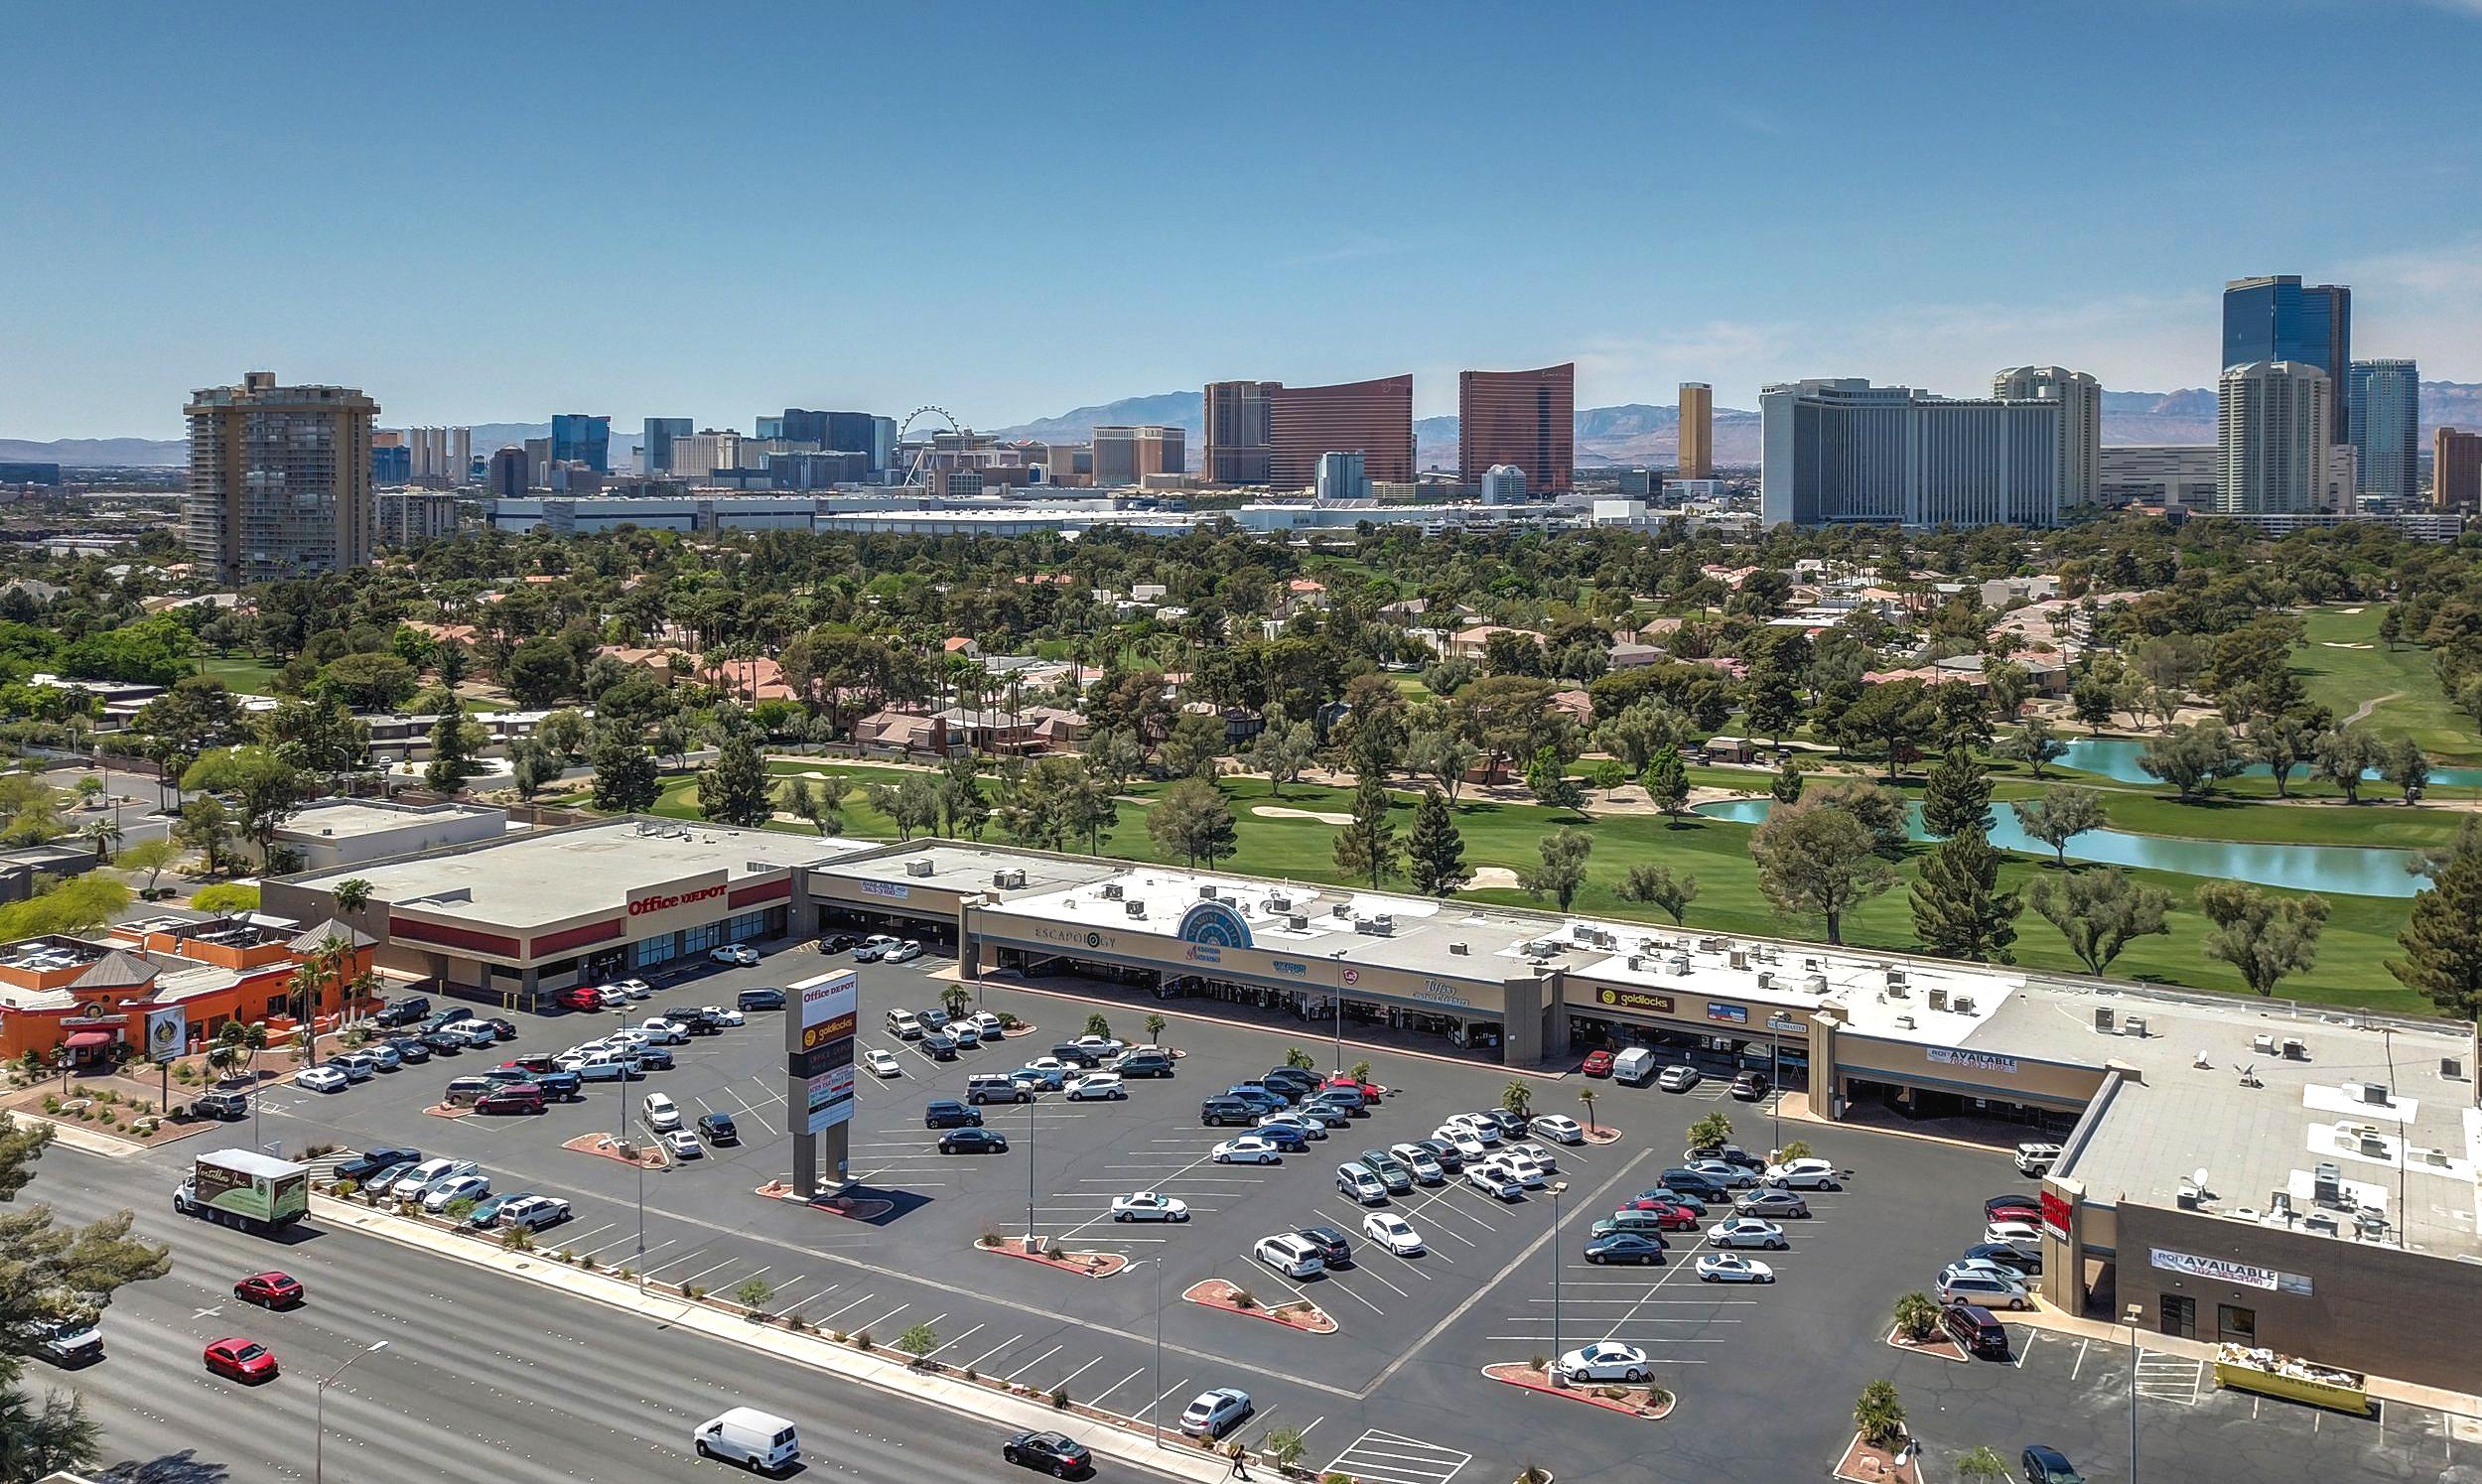 Sunrise City Plaza-28-cropped.jpg